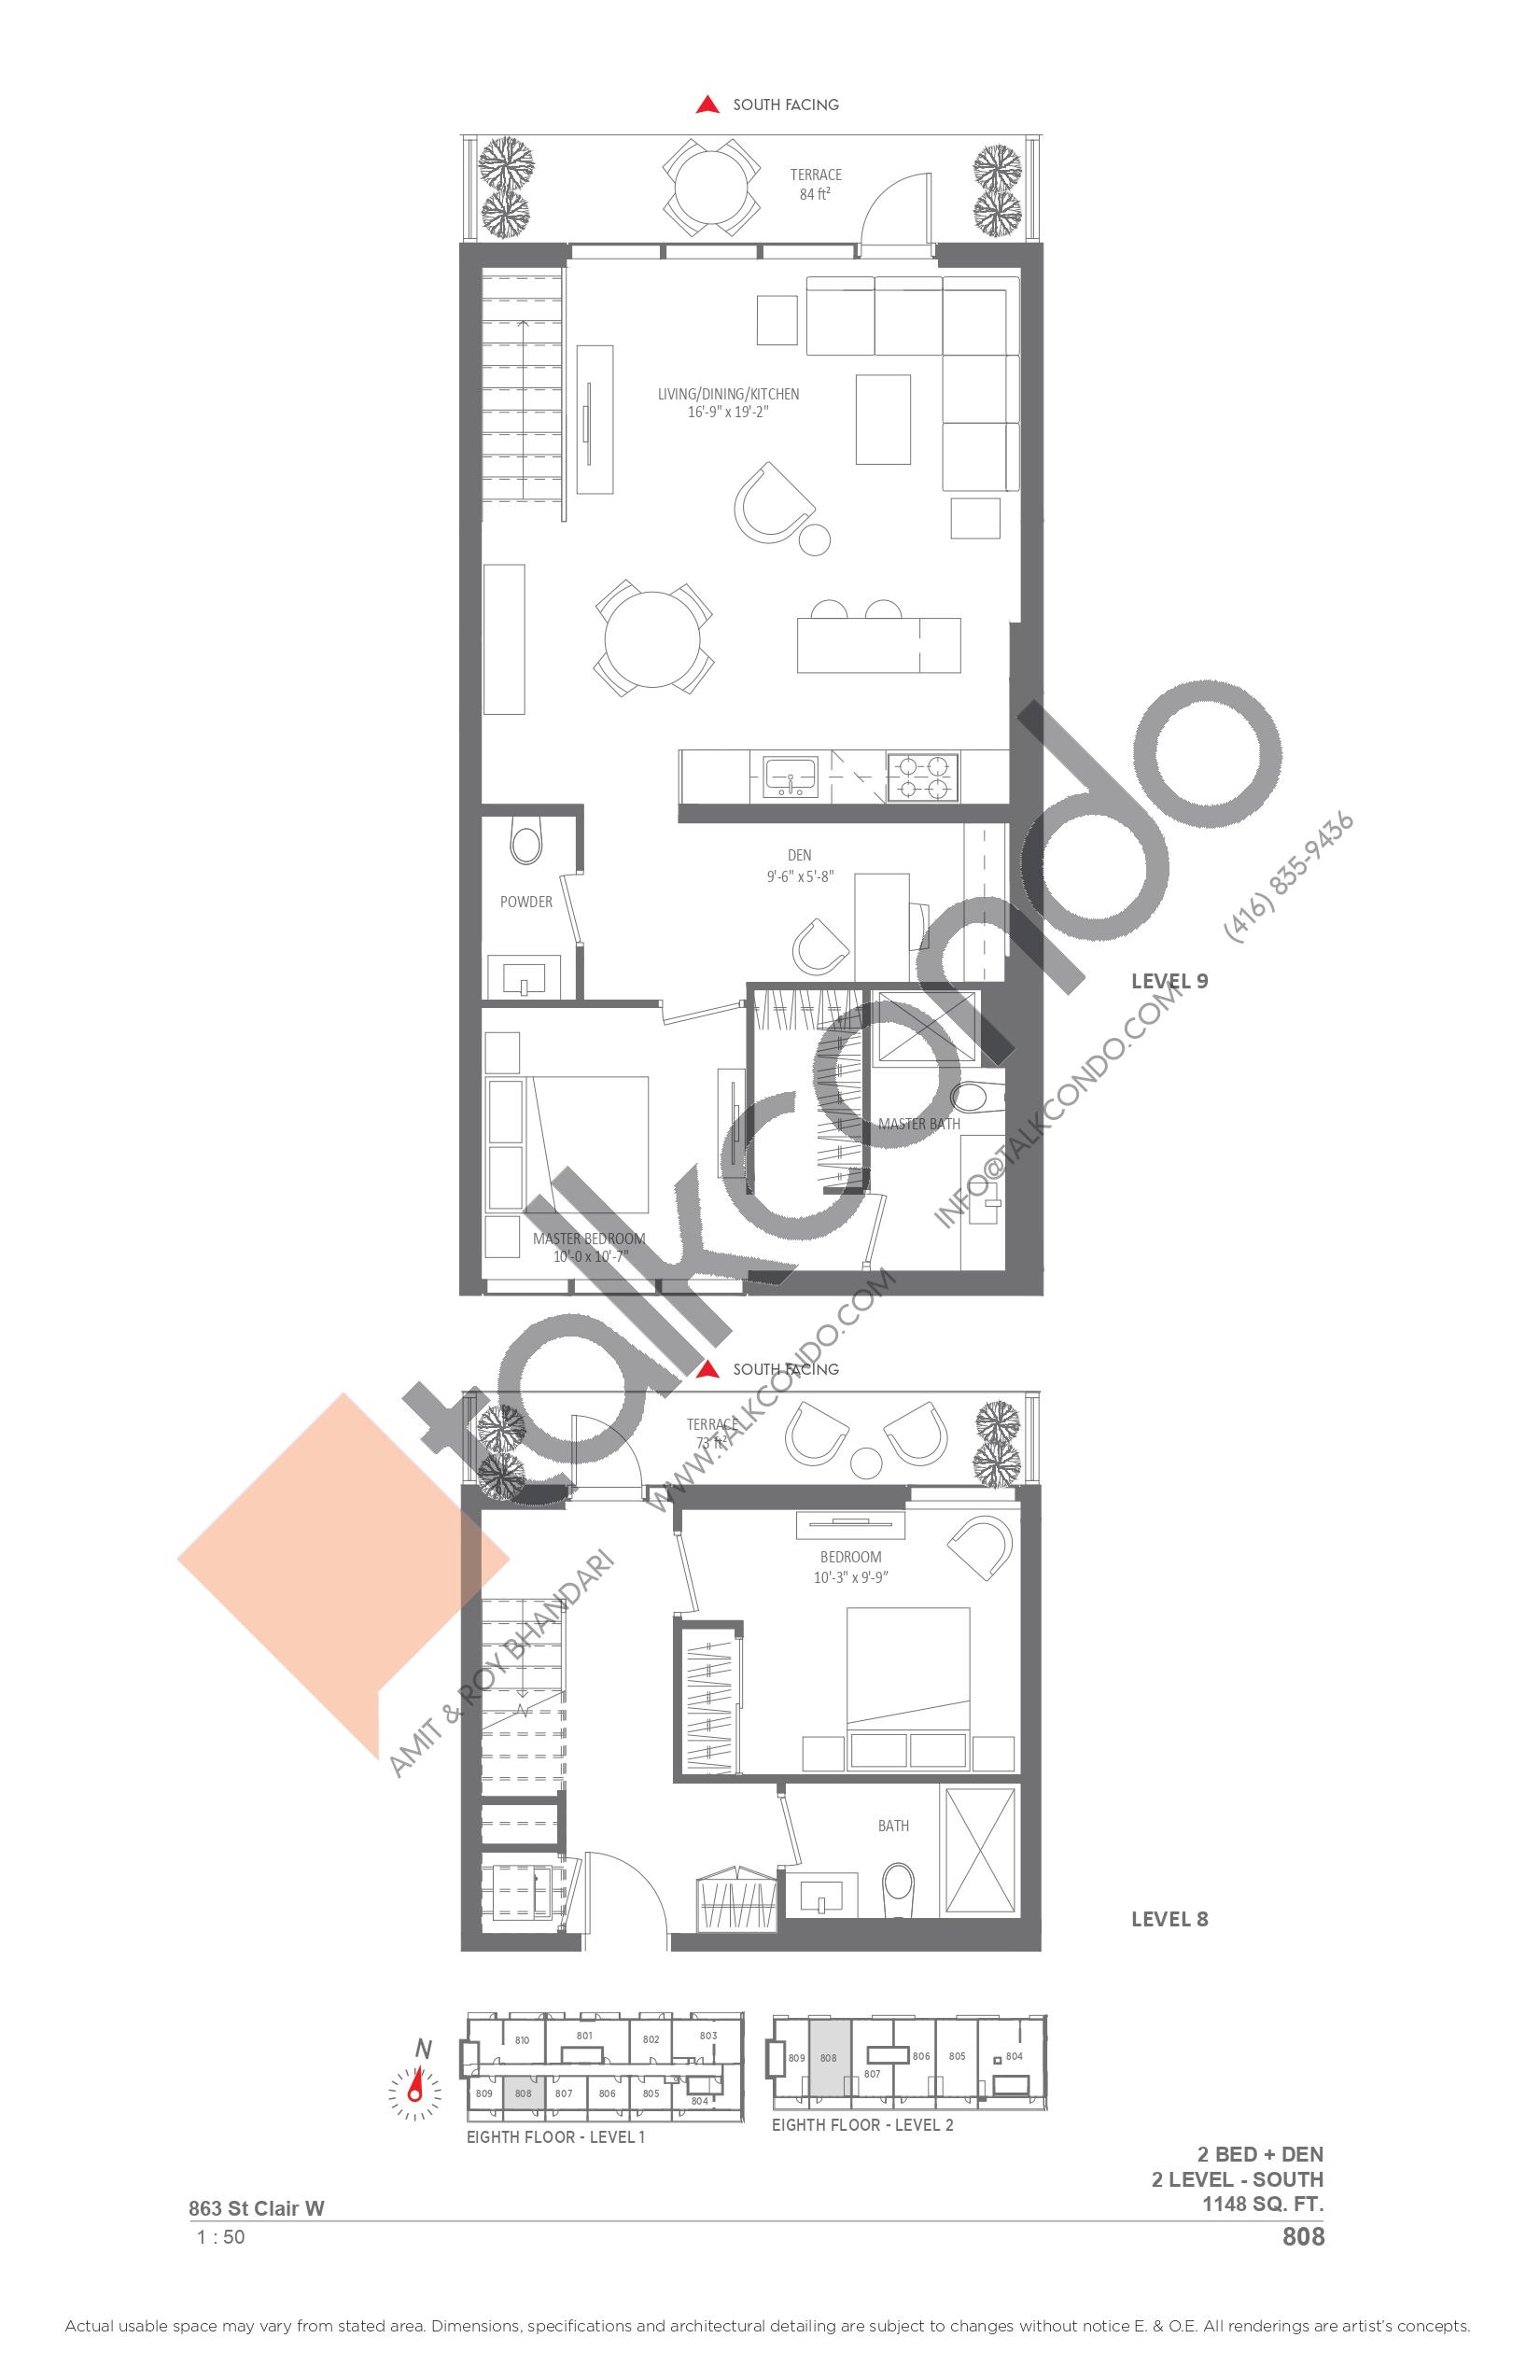 808 Floor Plan at Monza Condos - 1148 sq.ft